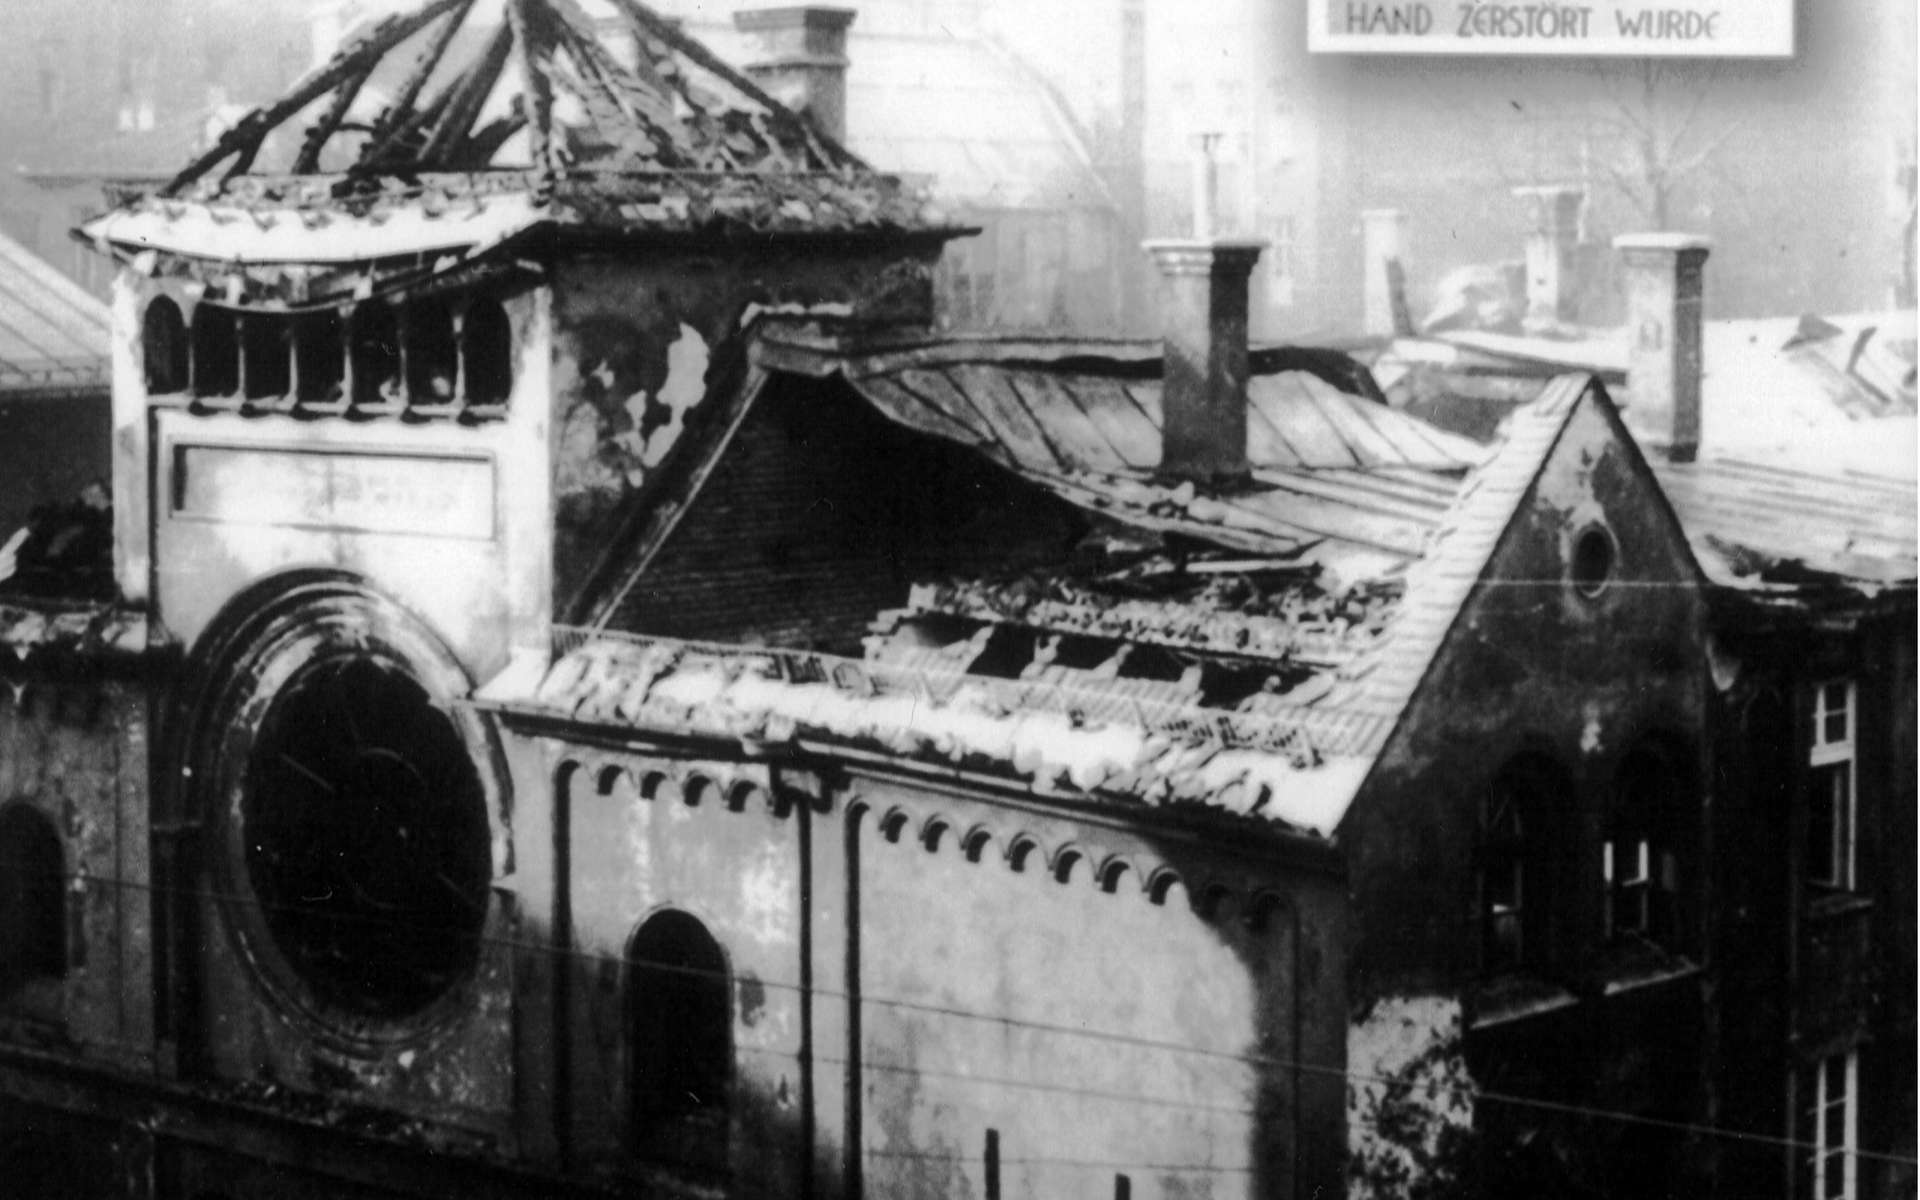 Une synagogue en ruines après la nuit de Cristal. Ce pogrom marquera la radicalisation des mesures antisémites en Allemagne. © Wikimedia Commons, cc by 3.0